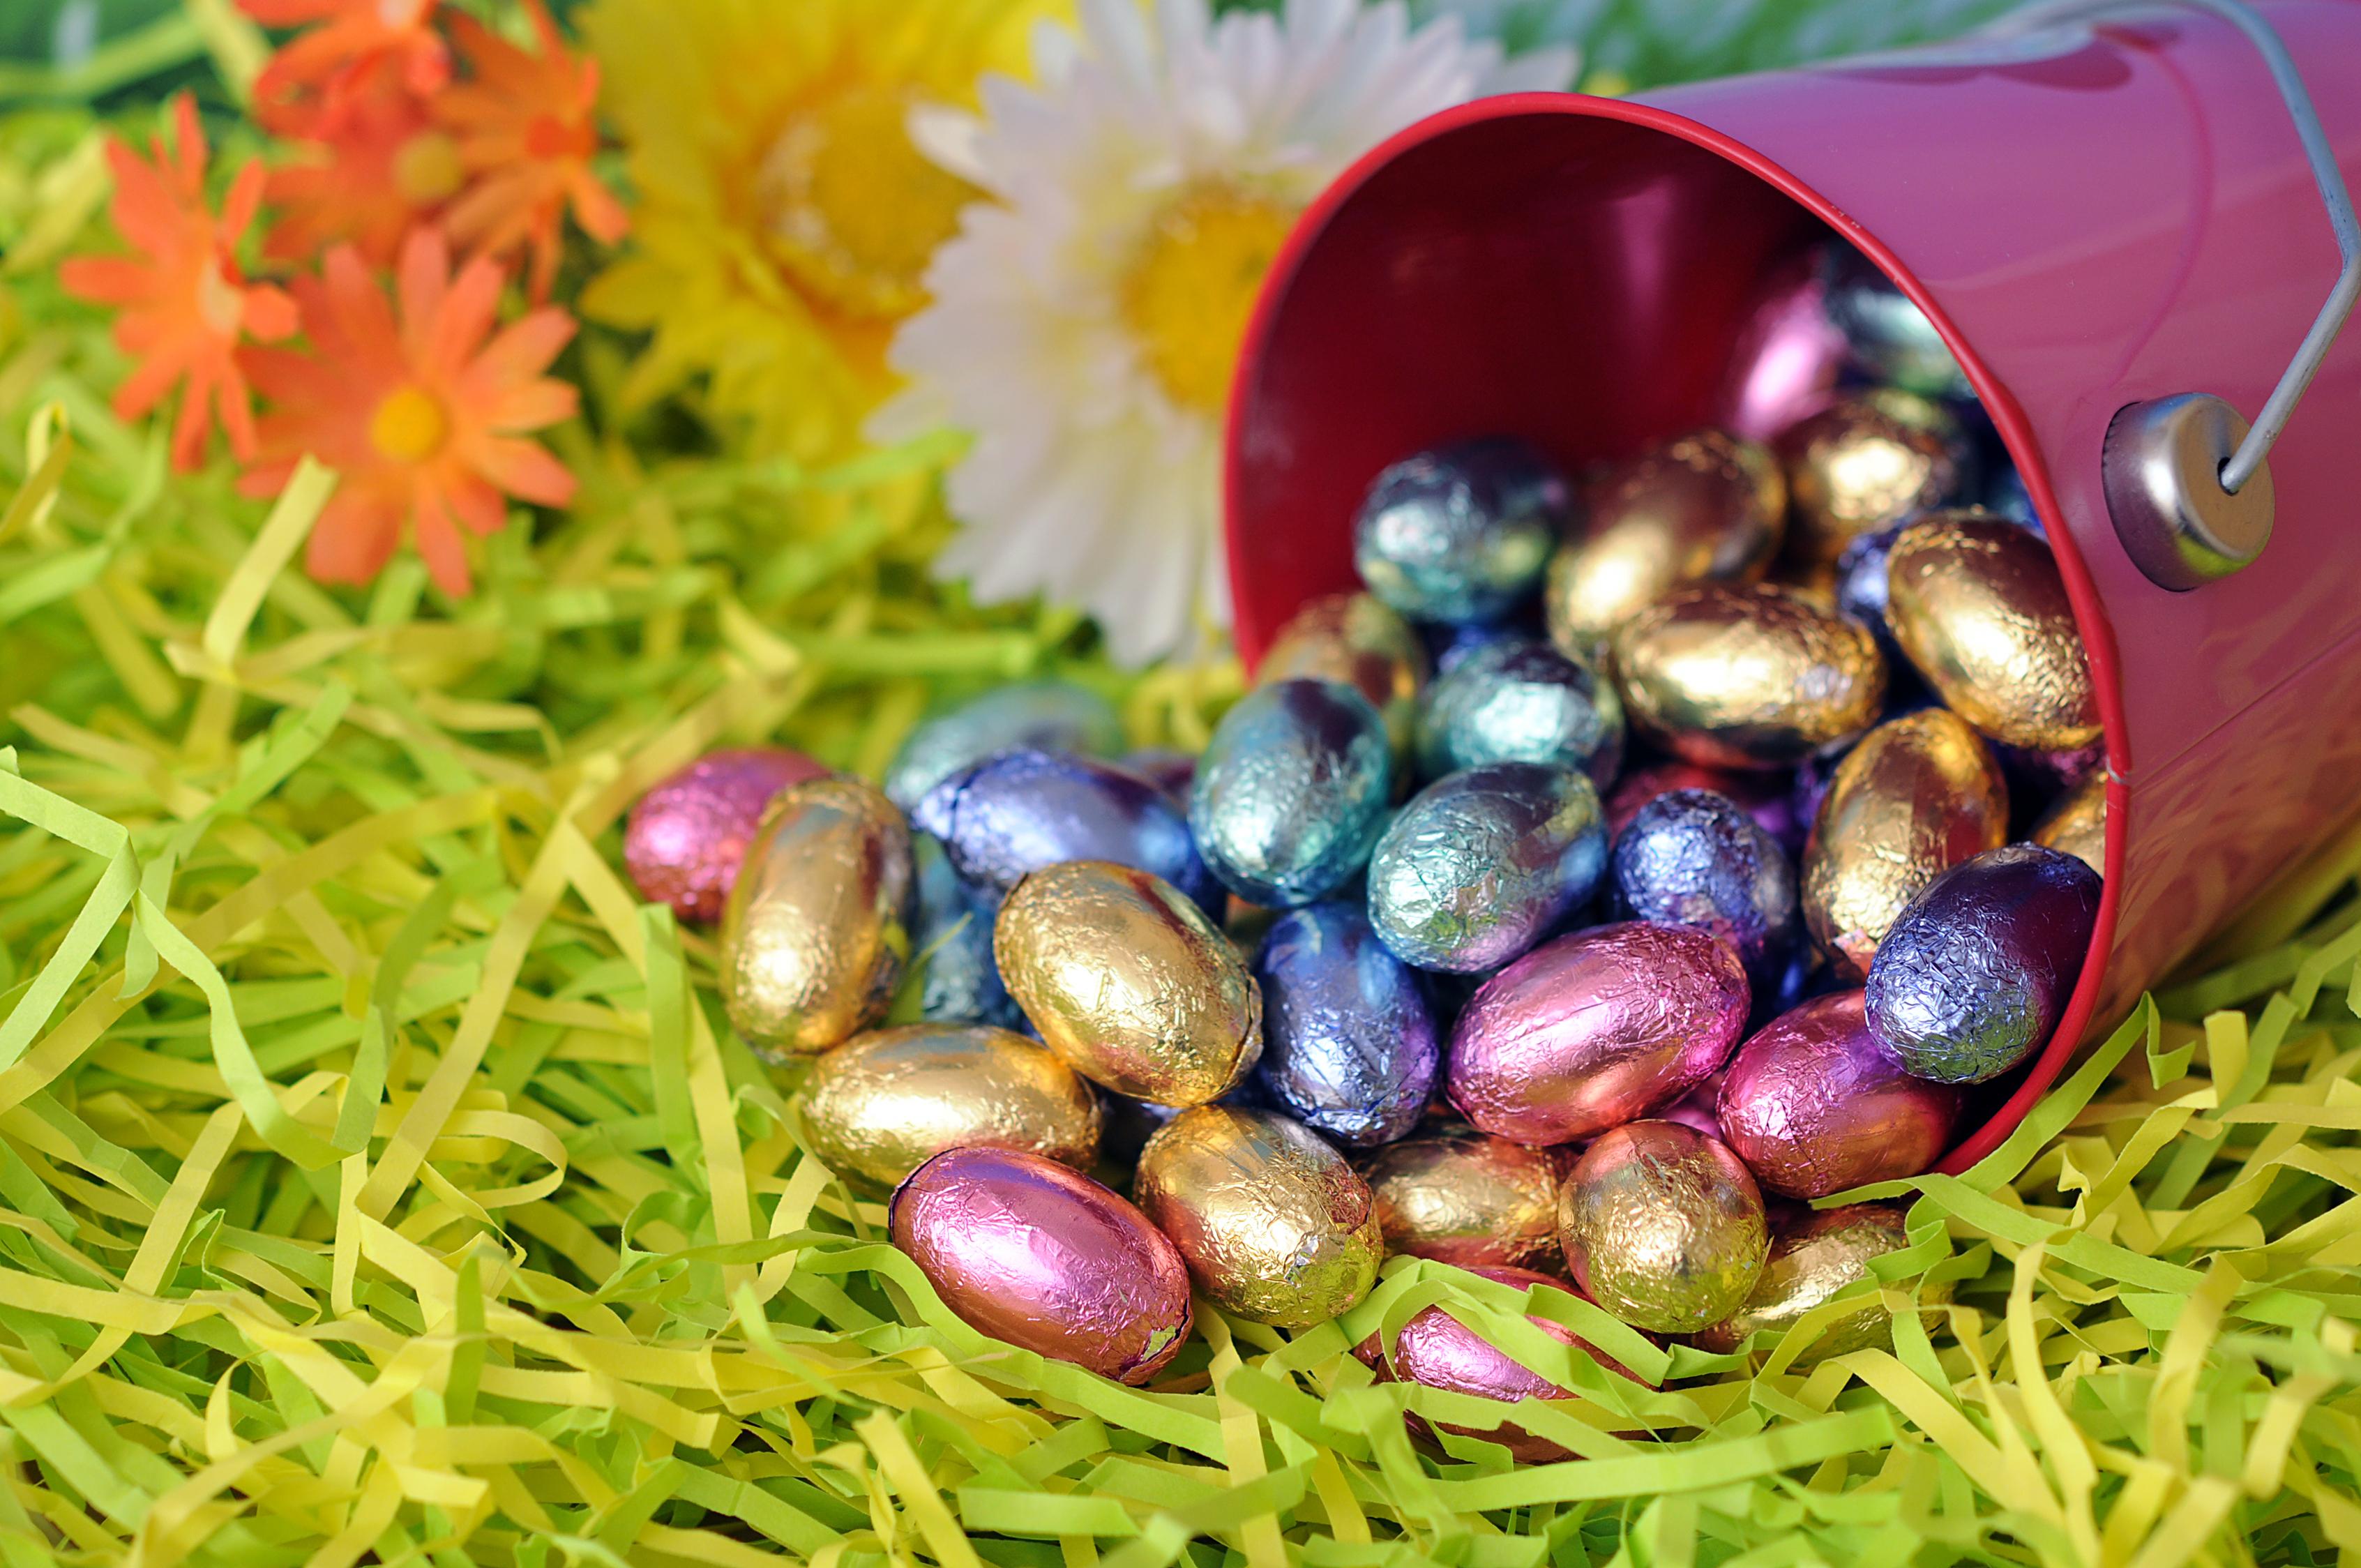 Vi svenskar äter mest godis i hela världen och just påskhelgen är vår största godishelg.